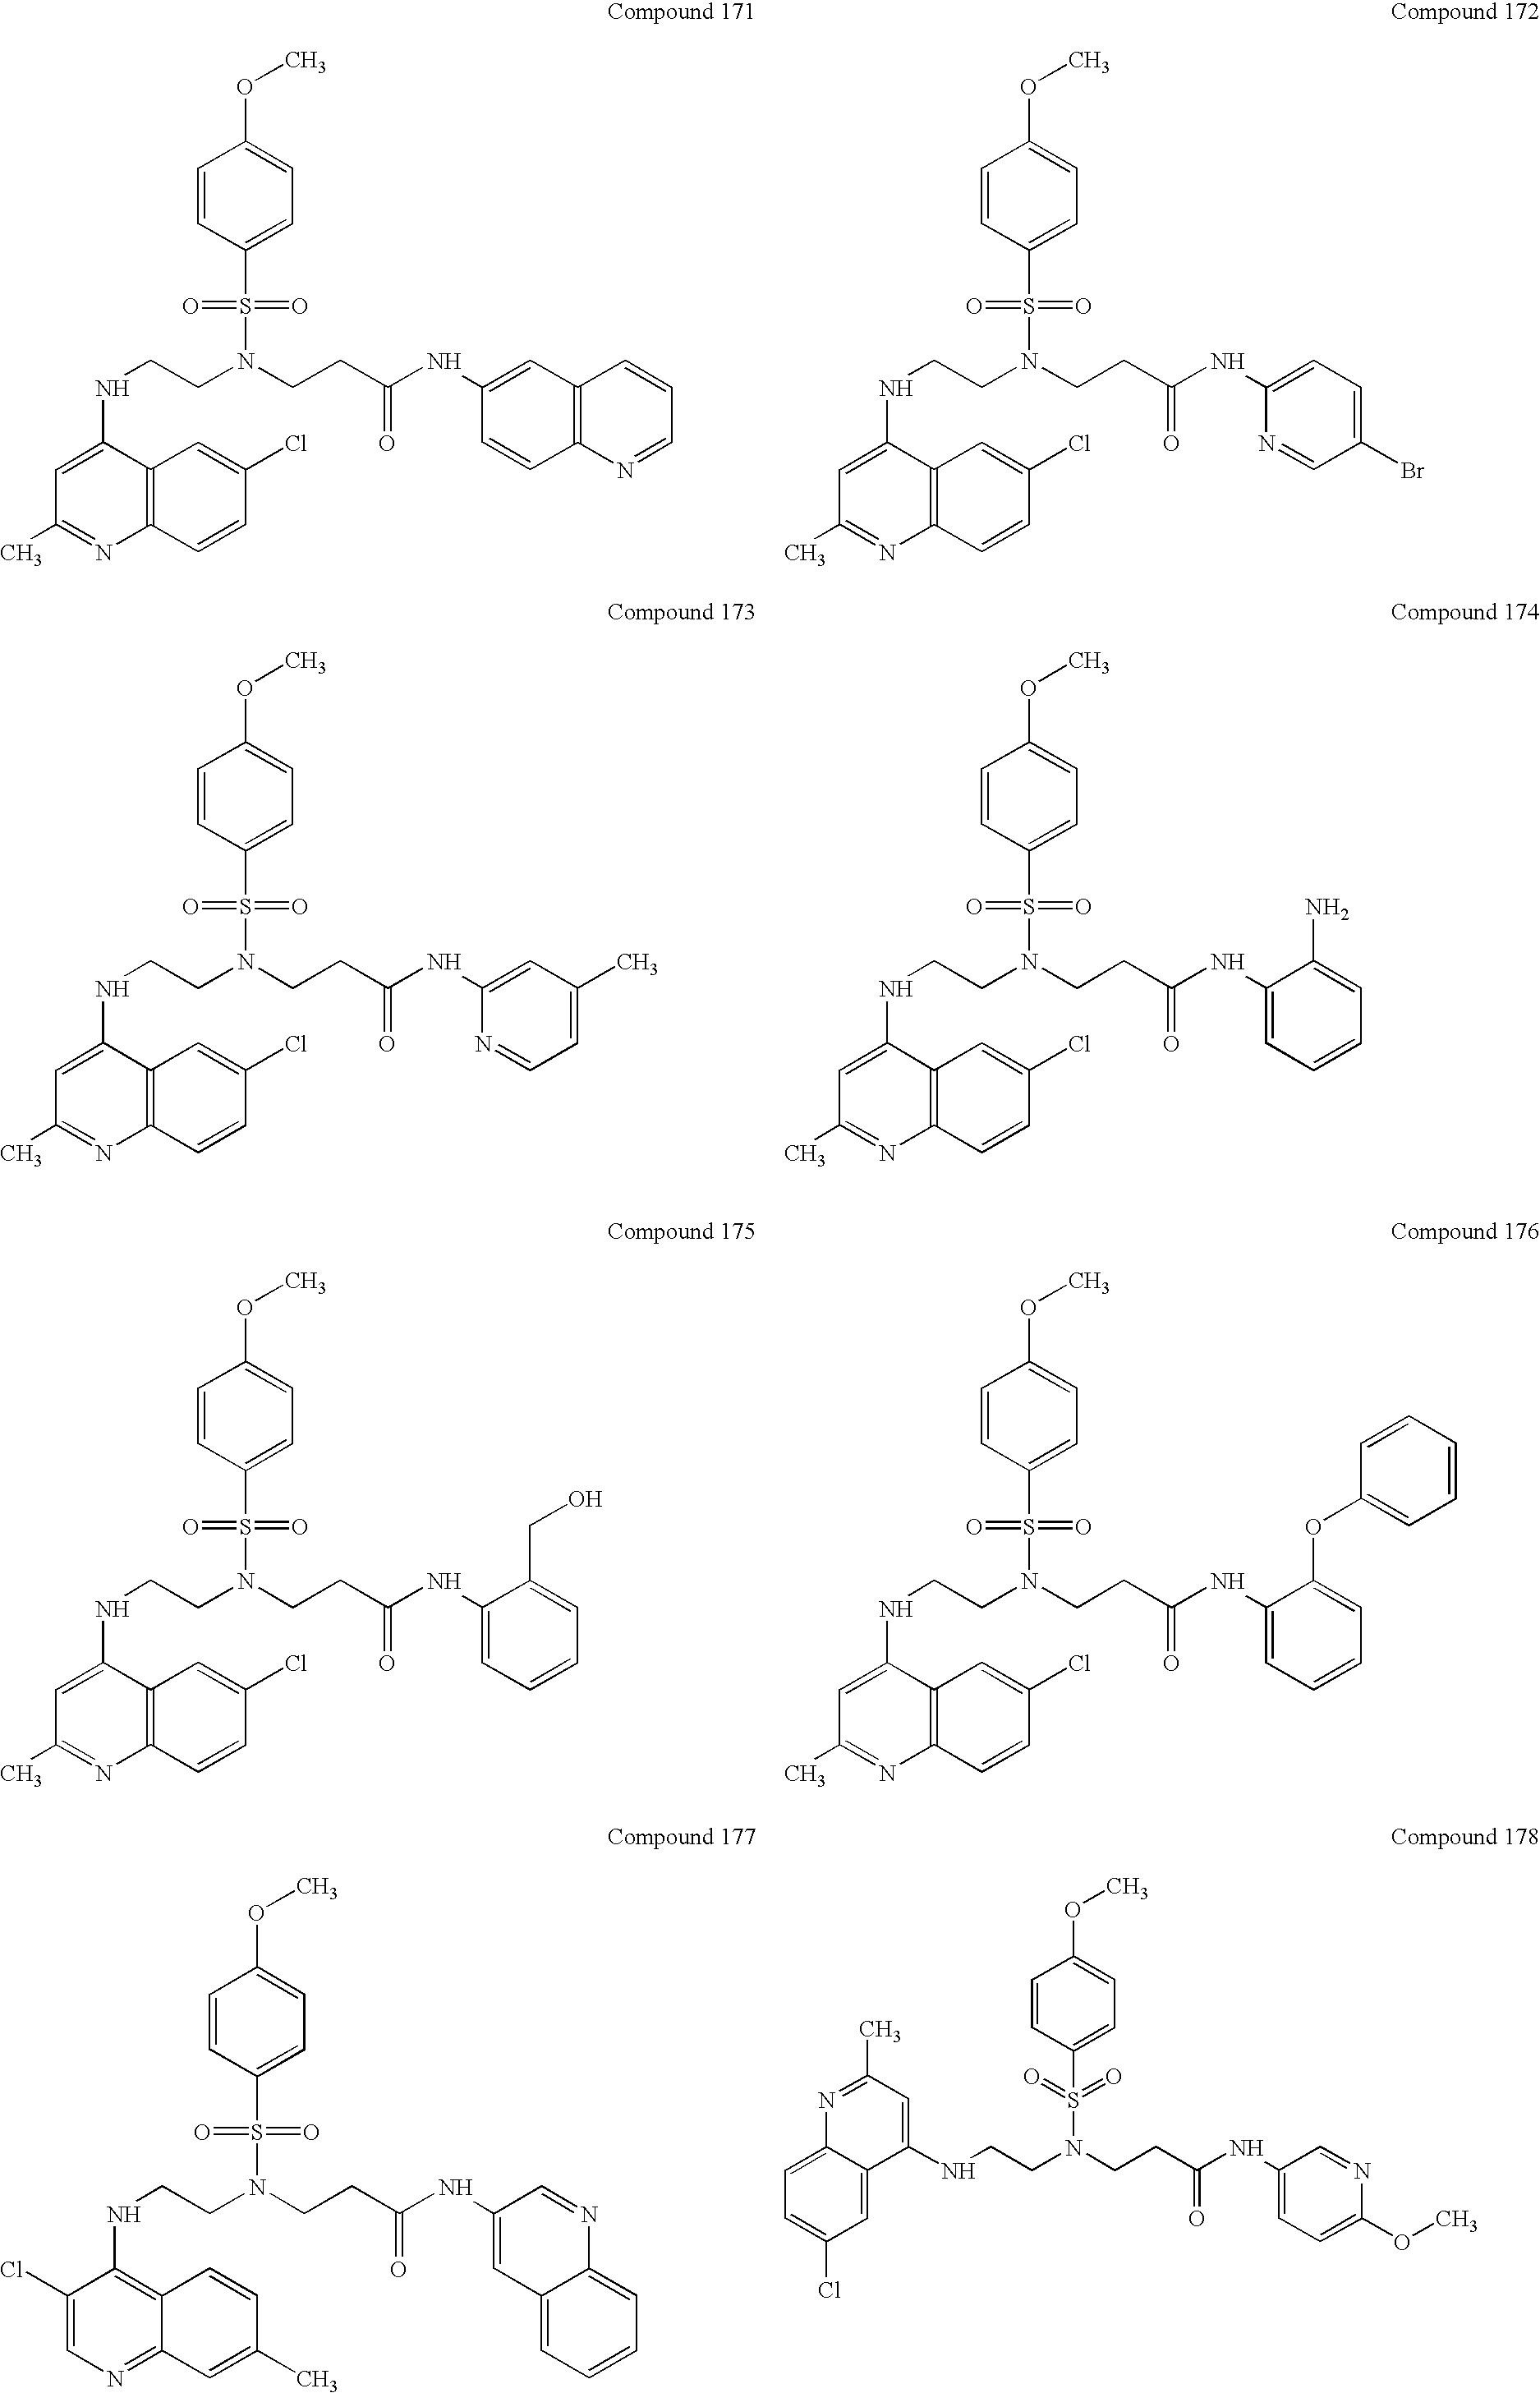 Figure US20040209902A1-20041021-C00025